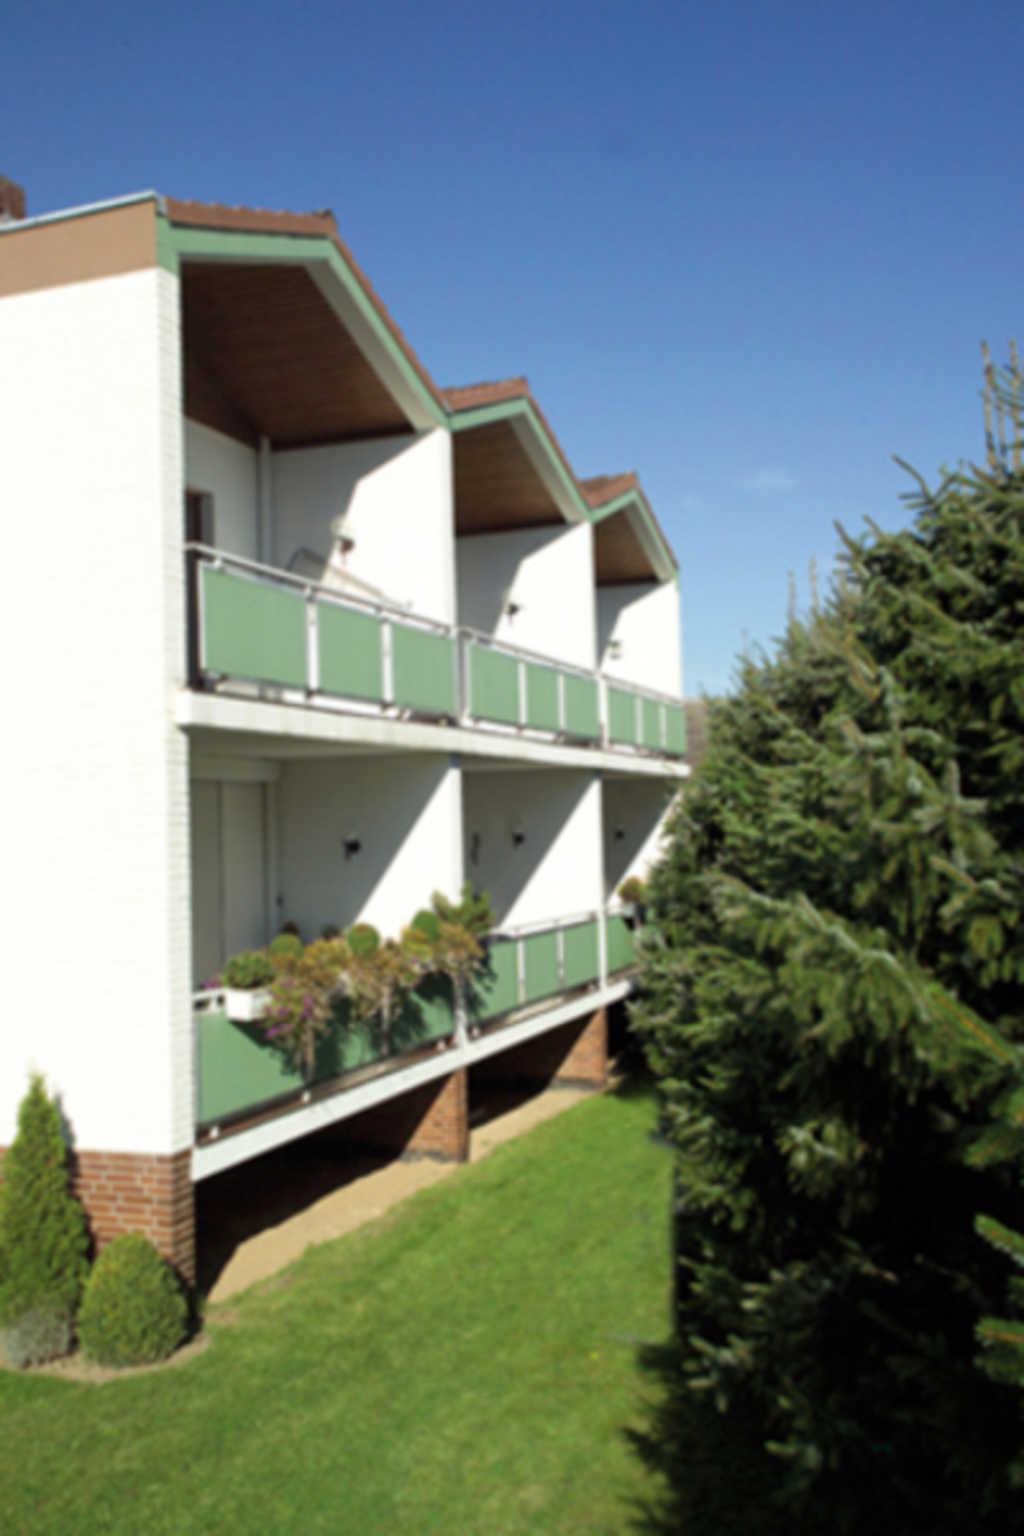 Ferienhaus Dornkampstraße 1 a, DOR008, 2-Zimmerwoh